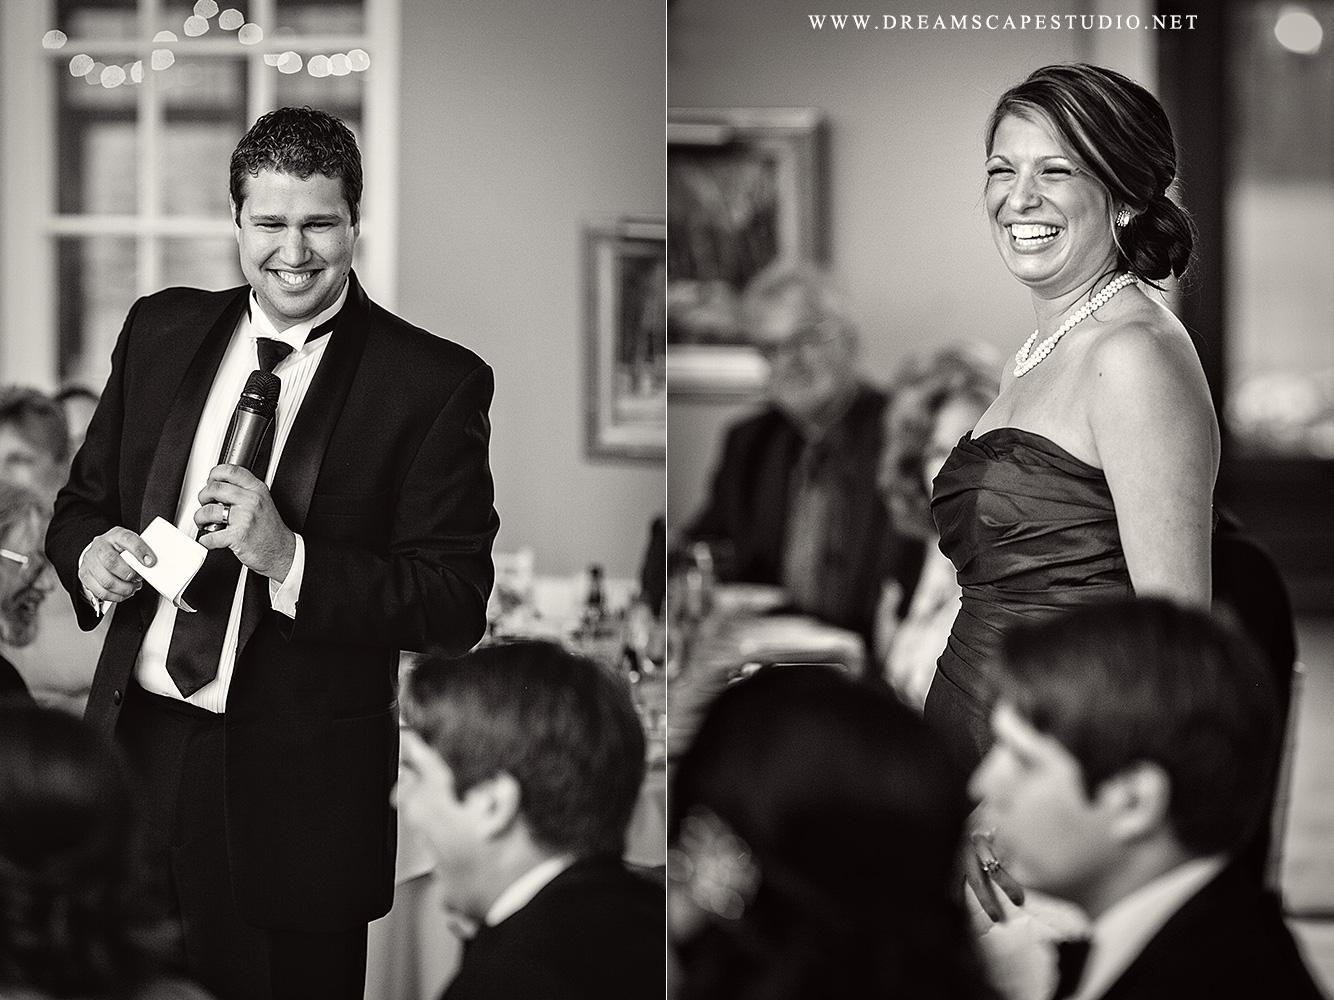 NY_Wedding_Photographer_JeRy_48.jpg